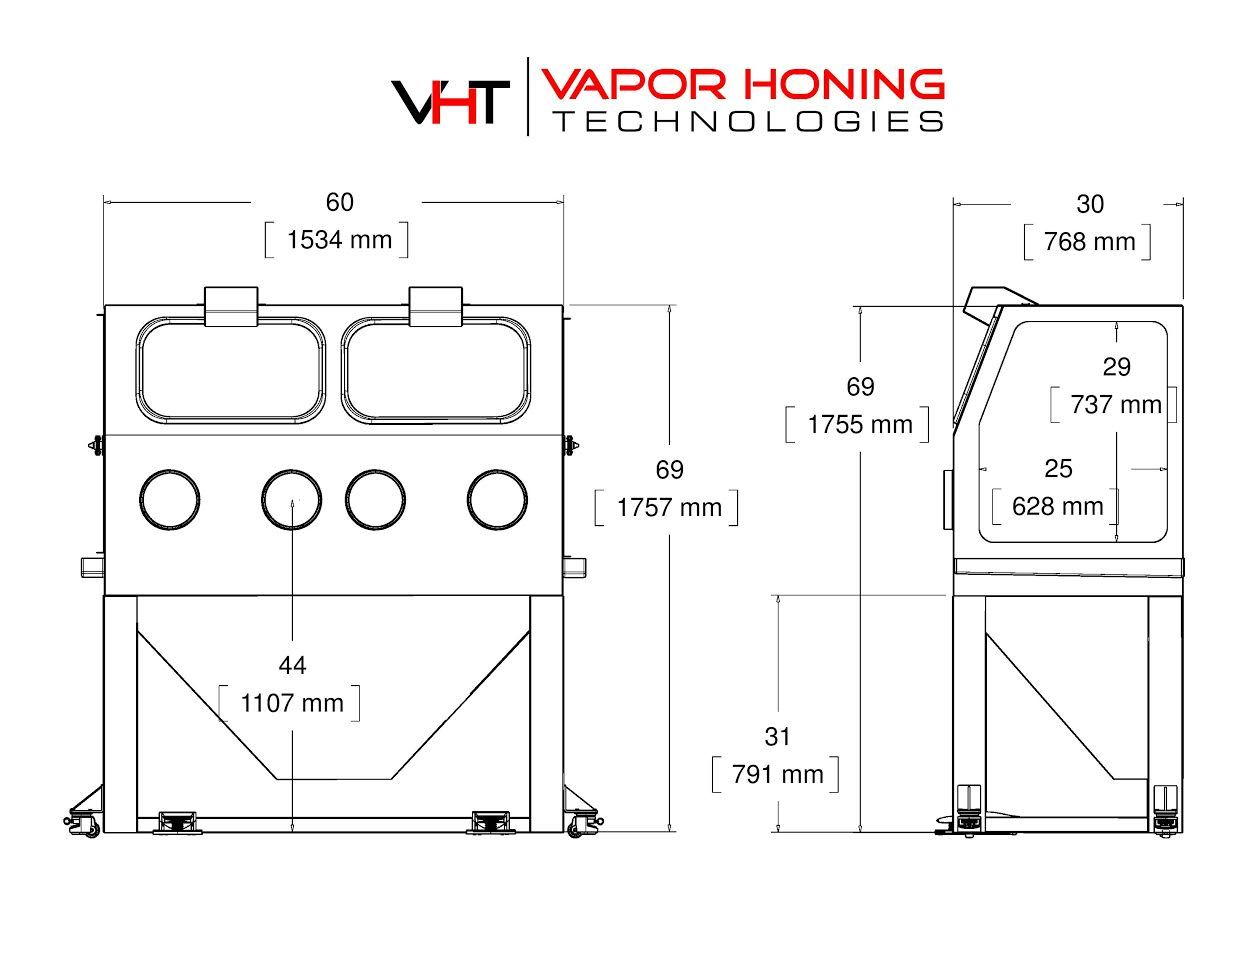 Vapor Hone 3500 Vapour Blasting Equipment Vapor Blasting Equipment For Sale Vapor Honing Technologies